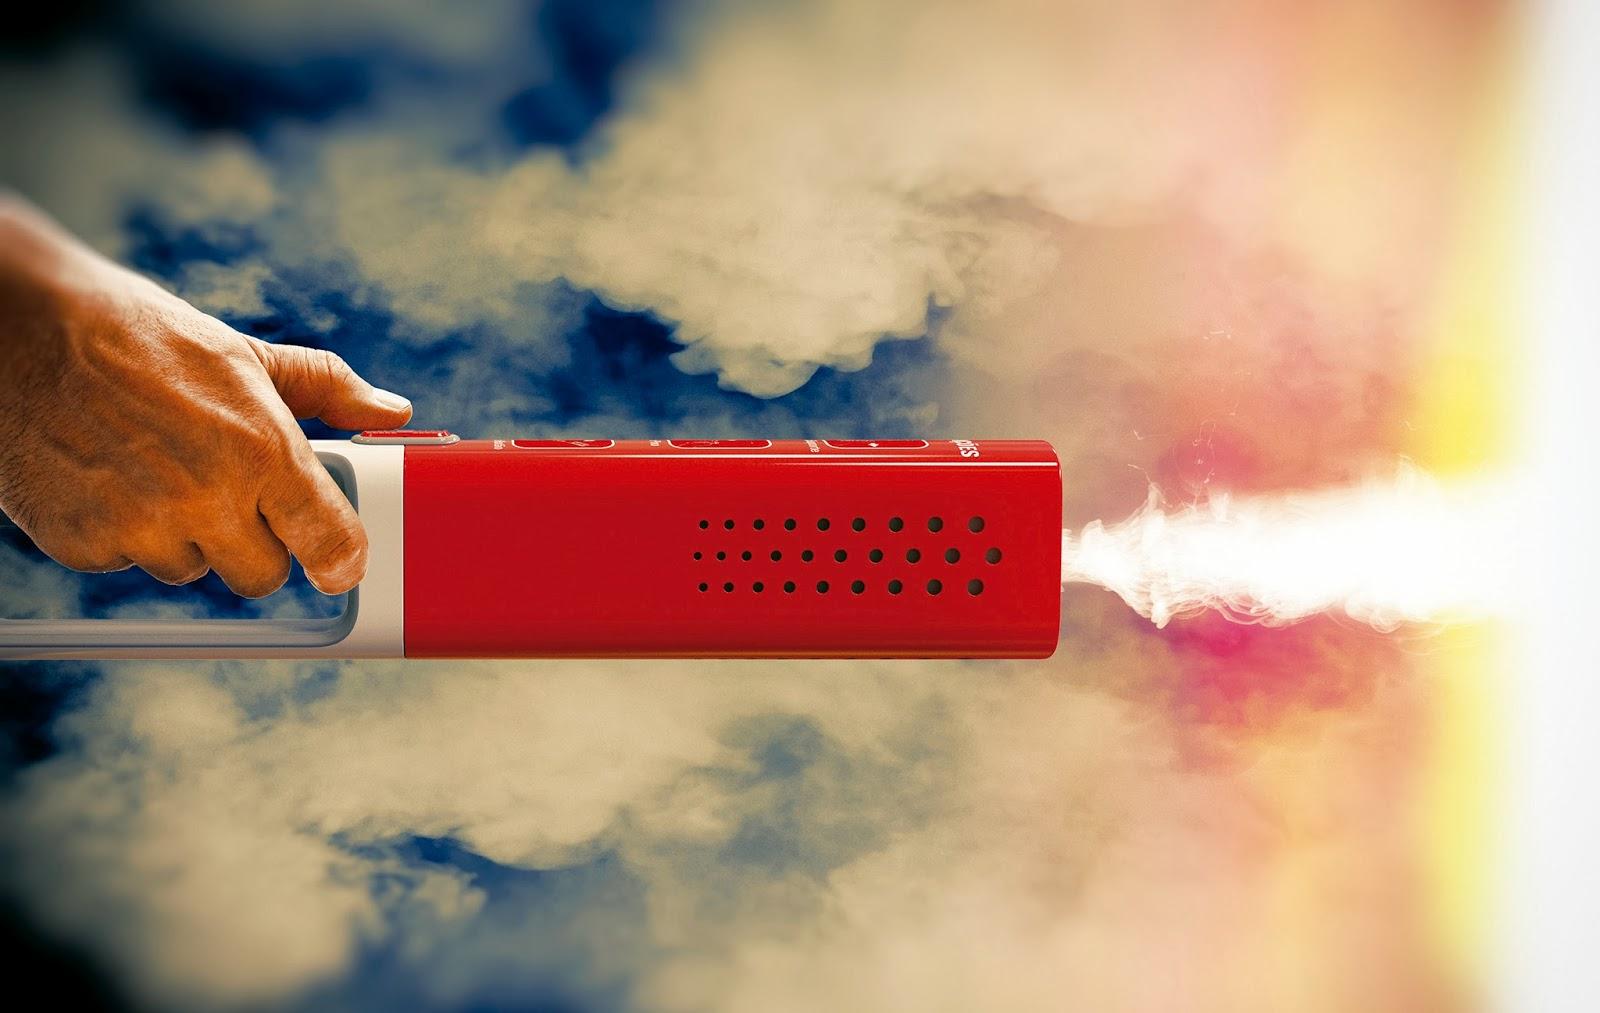 Extintores de inc ndio safehome extintor de inc ndio dom stico - Extintor para casa ...